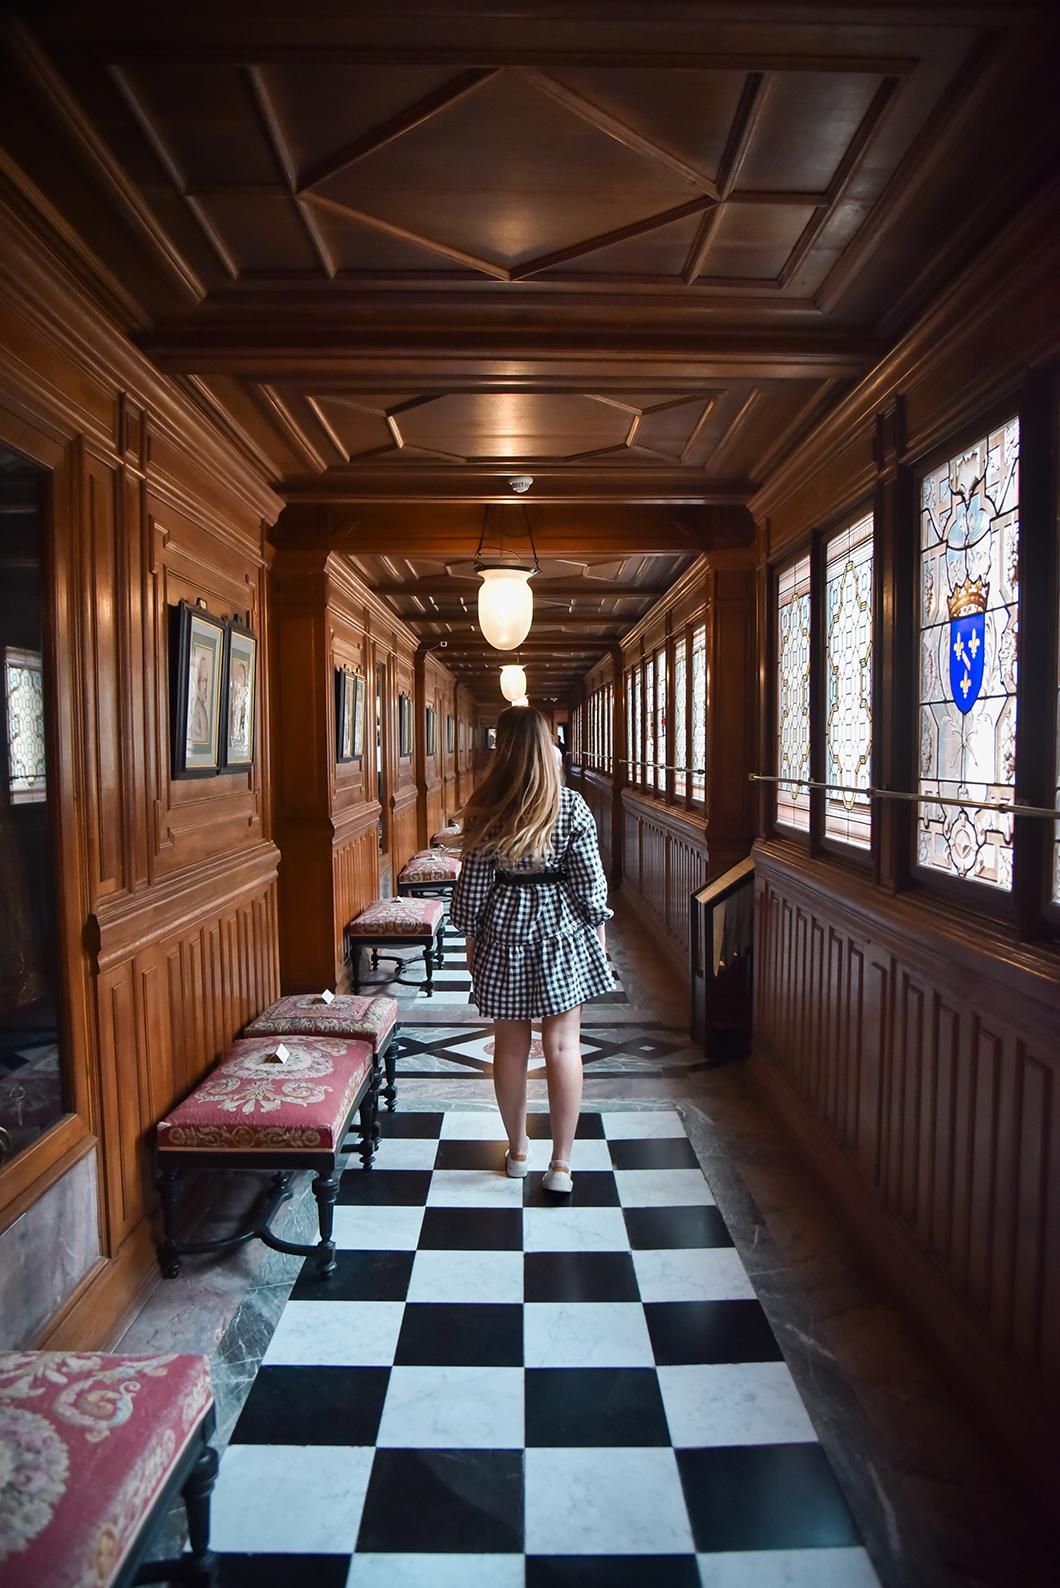 Découvrir l'intérieur du Chateau de Chantilly à 1h de Paris